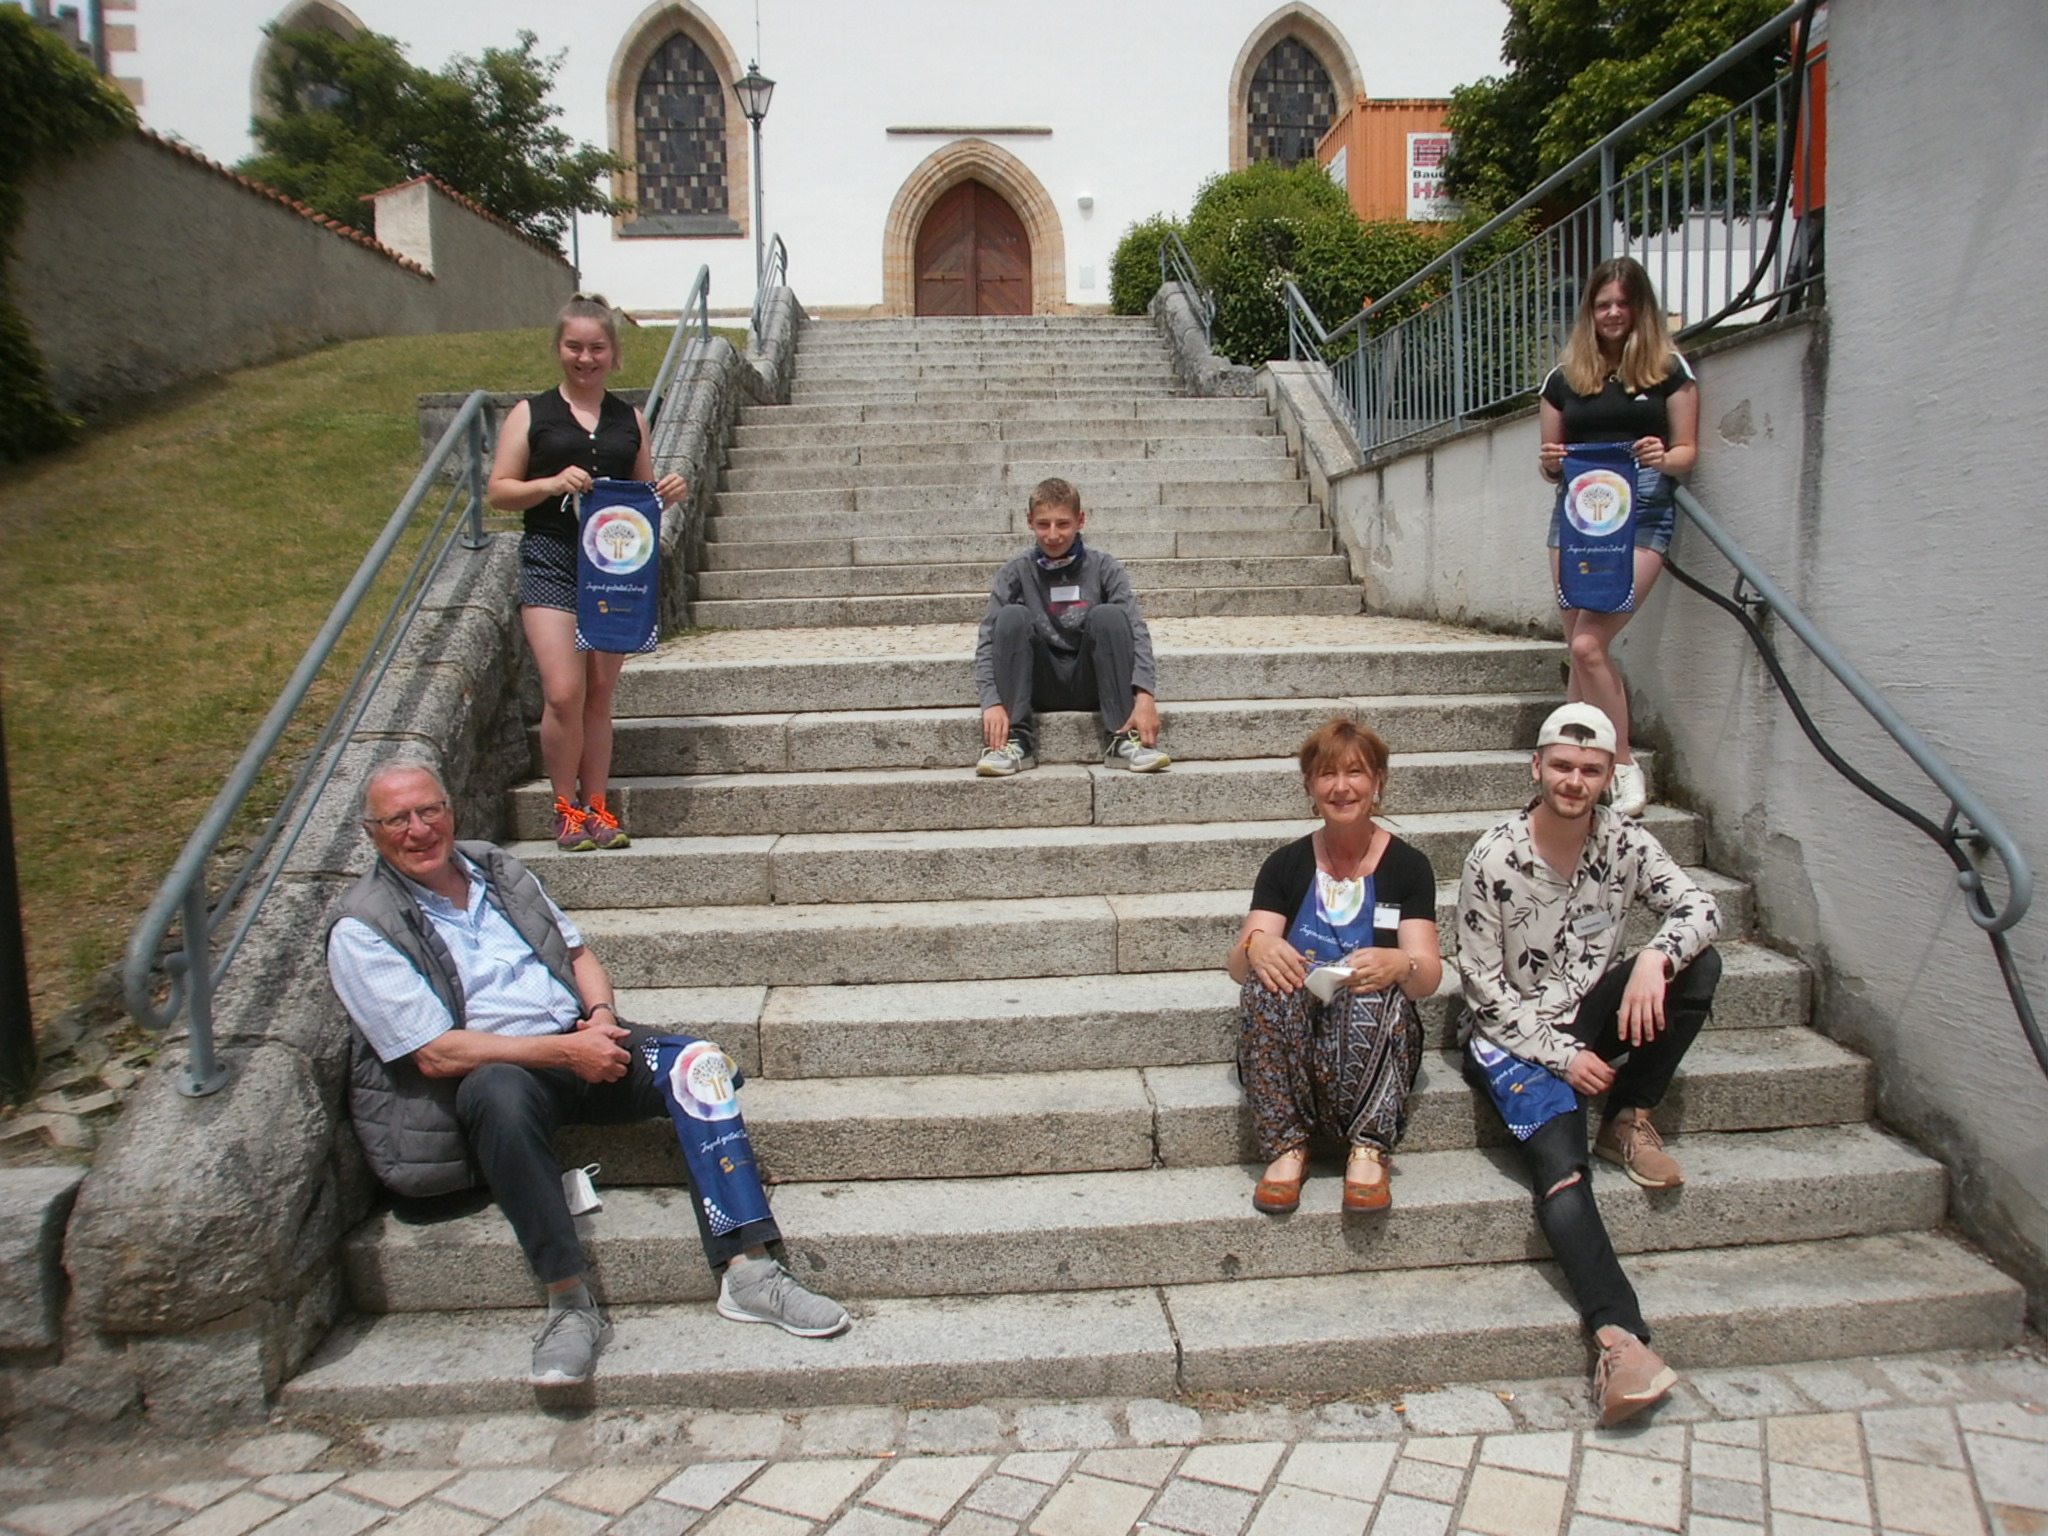 Die kleine, aber rührige Graffiti-Malgruppe mit den Workshop-Leitern Valentin und Tanja Lennert (re. unten) sowie KVU-Vorsitzendem Peter Wunder. Fotos: Karl Stumpfi